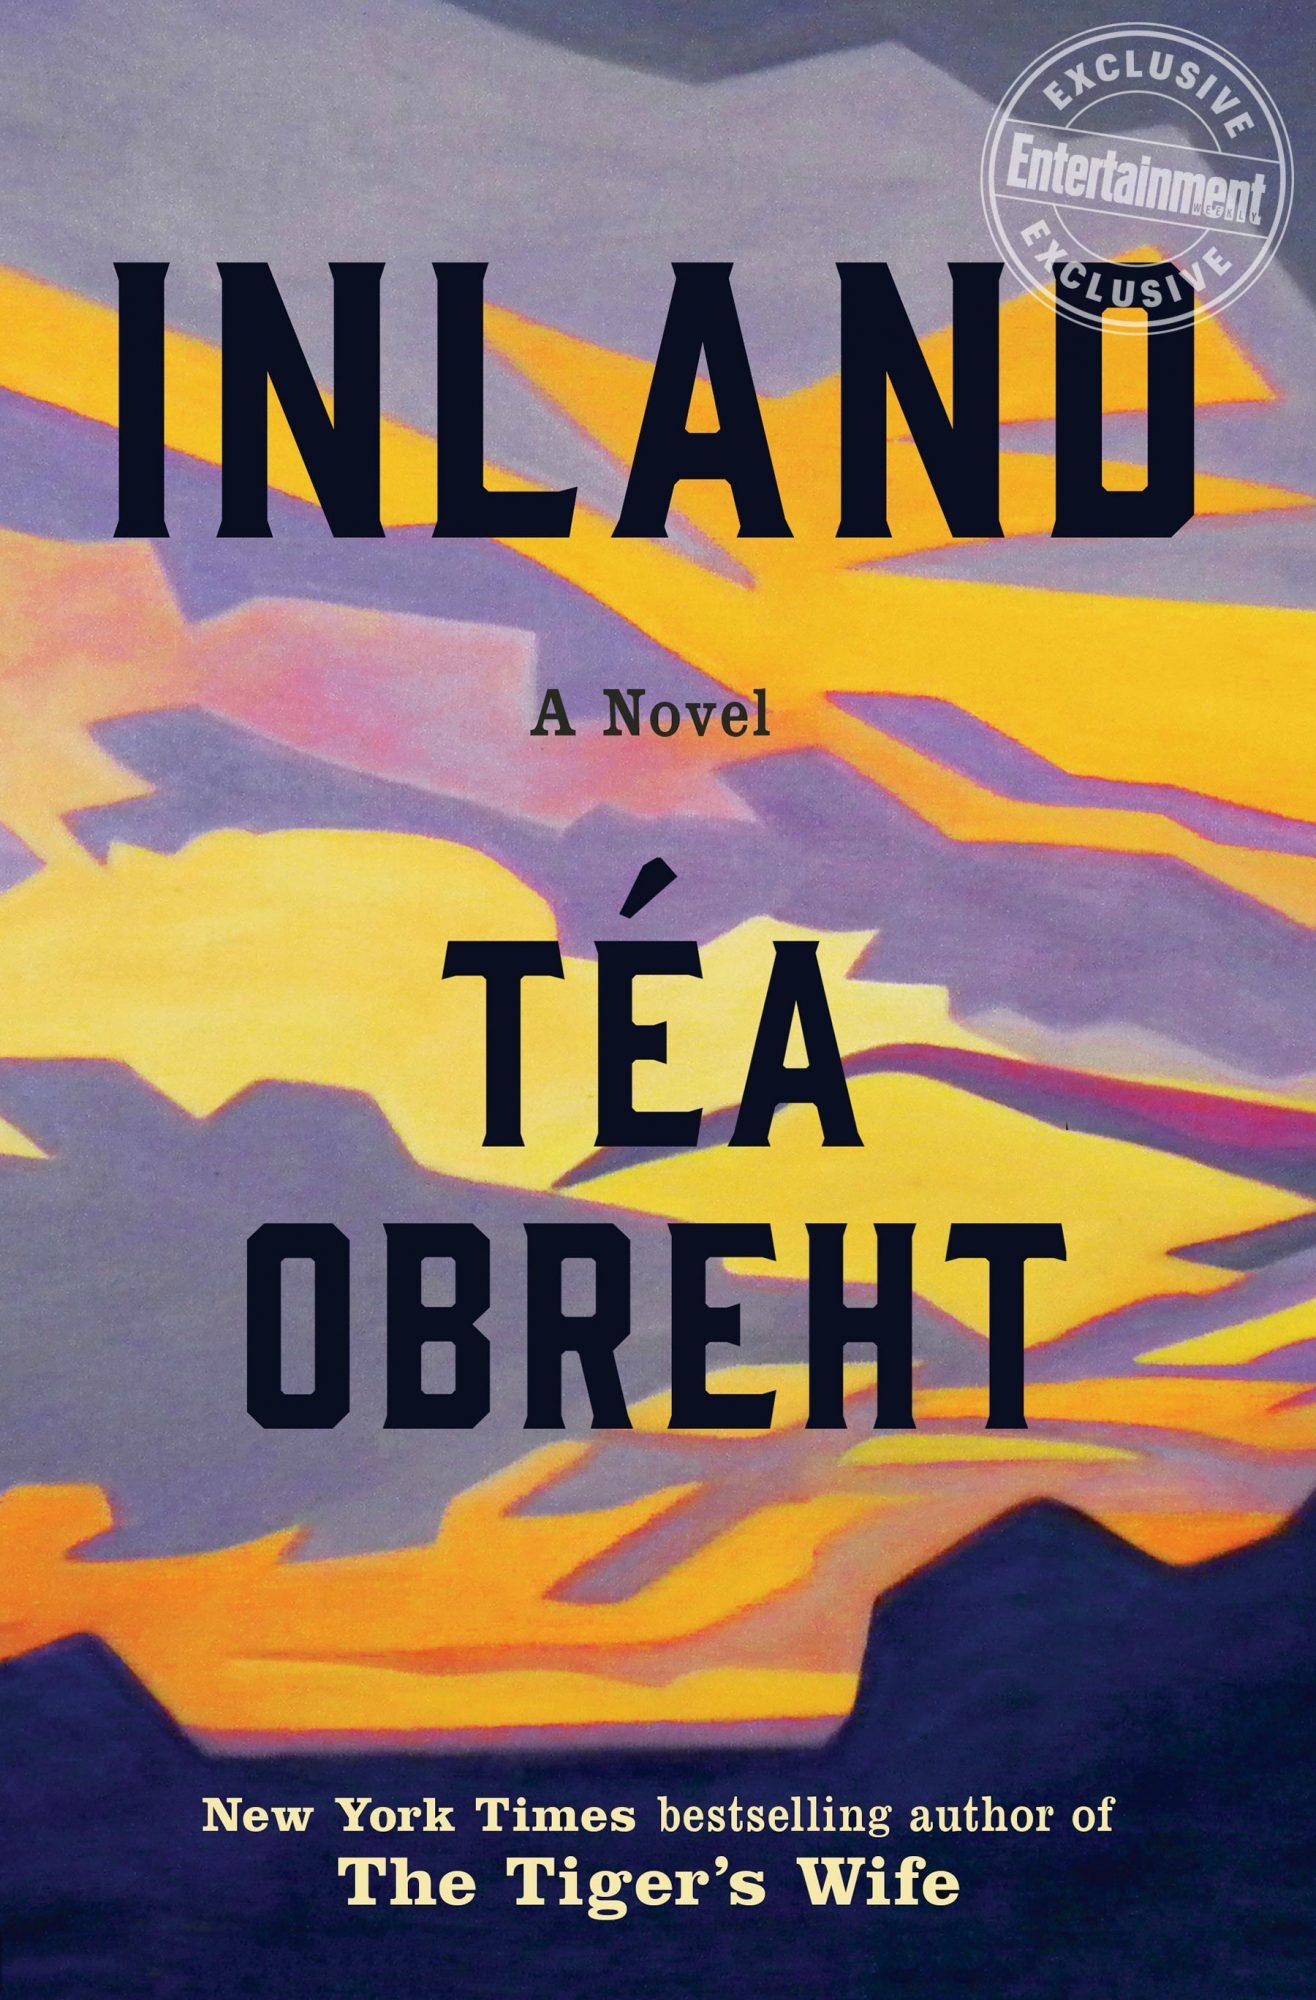 Inland_Tea-Obreht